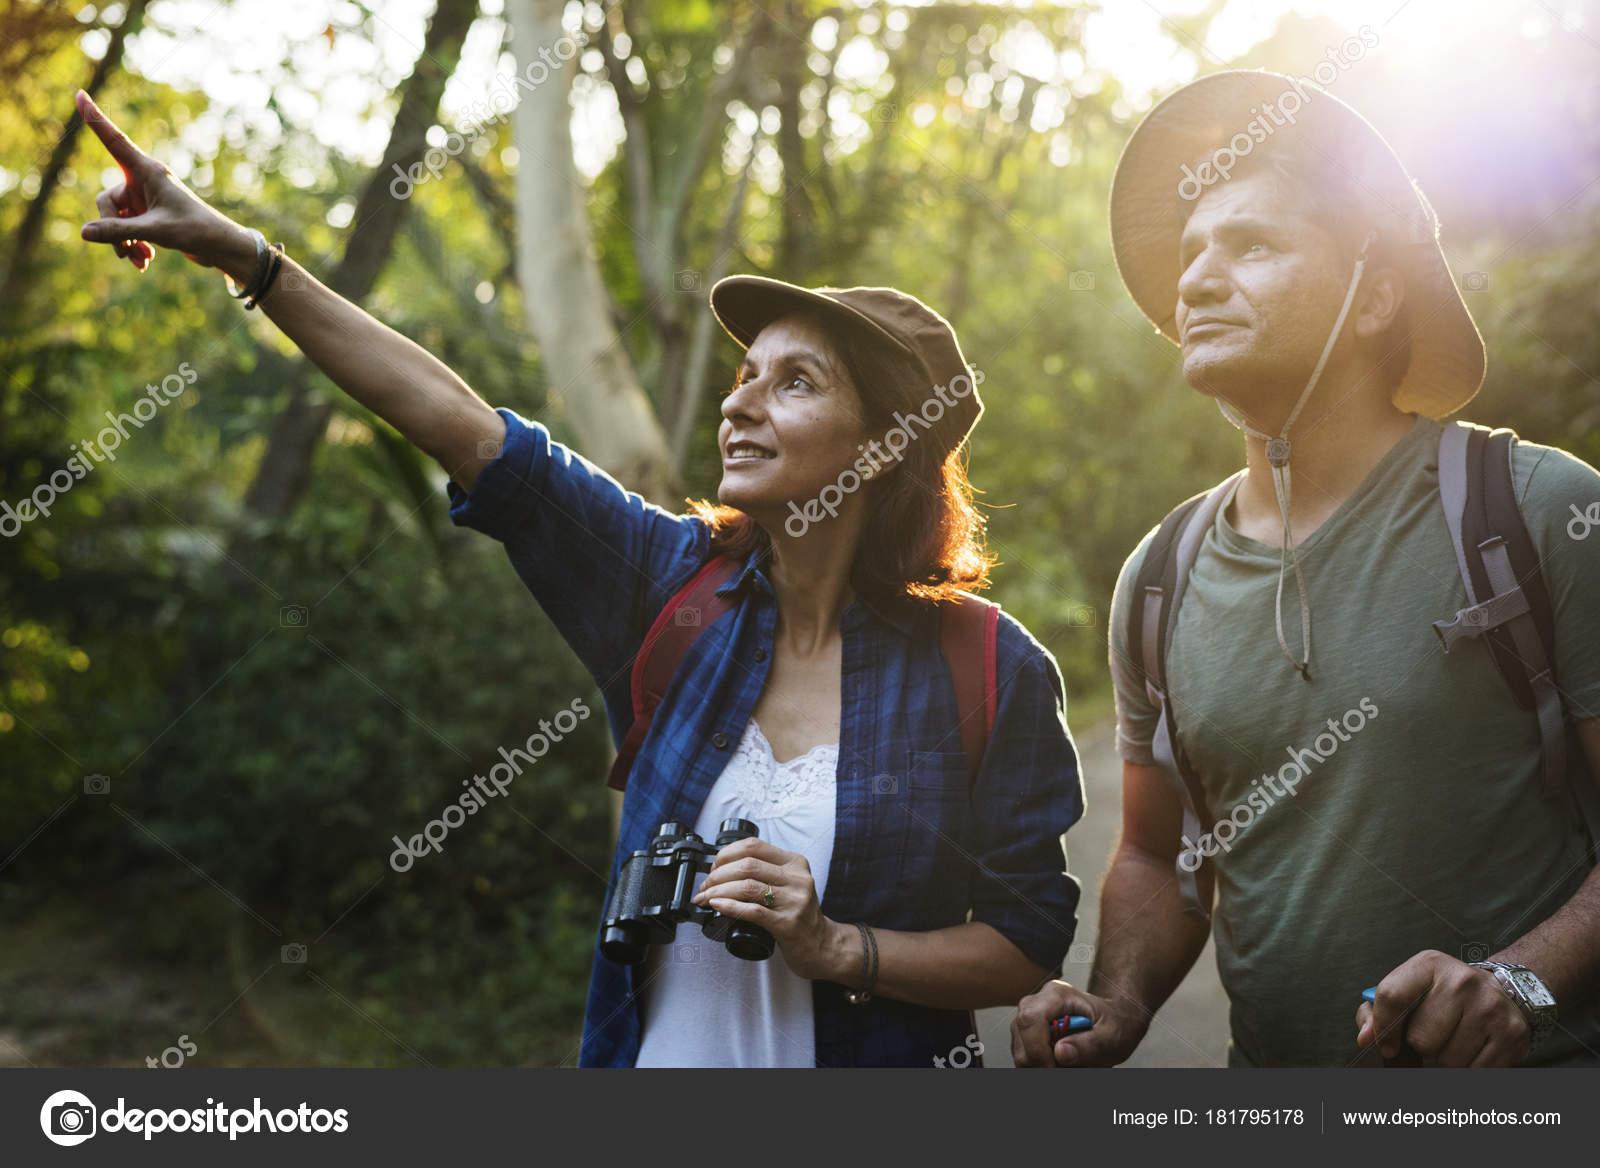 Paar mit rucksack wandern dschungel zusammen frau halten